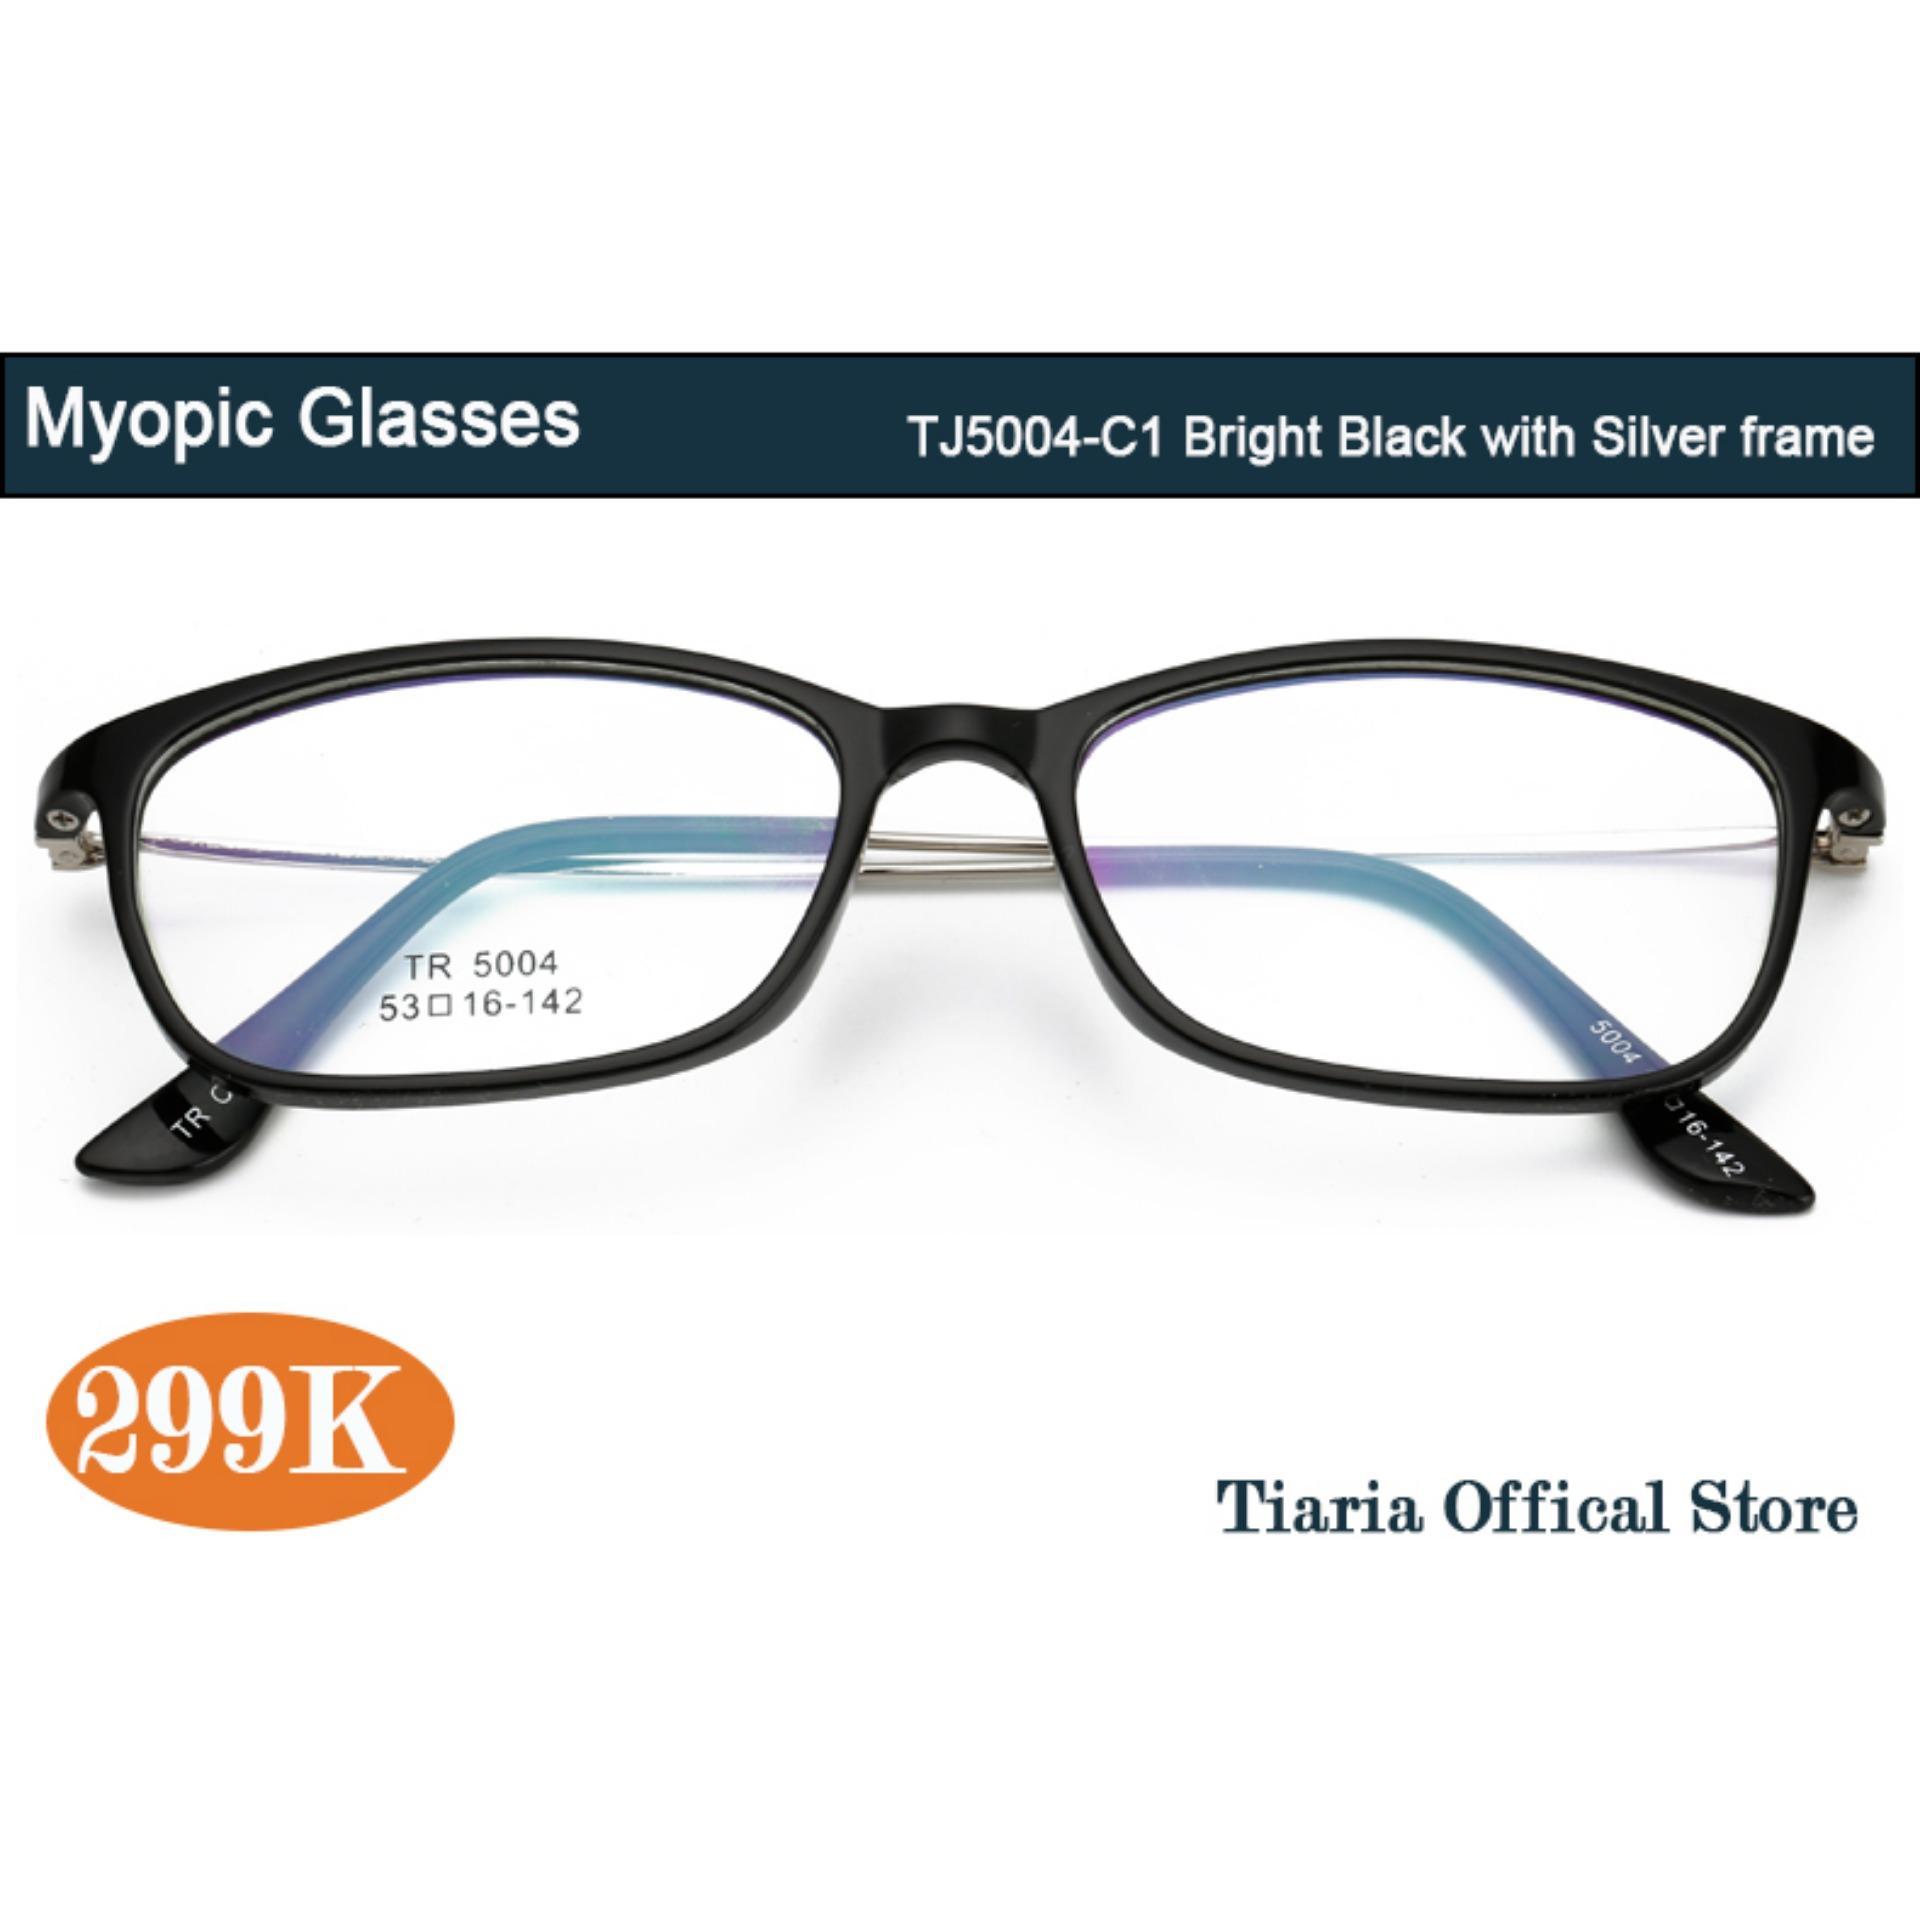 TJ5004C1 keren frame degan antiradiasi minus lensa original brand murah  wanita resep minus kacamata terbaik murah 1a5386b3ef